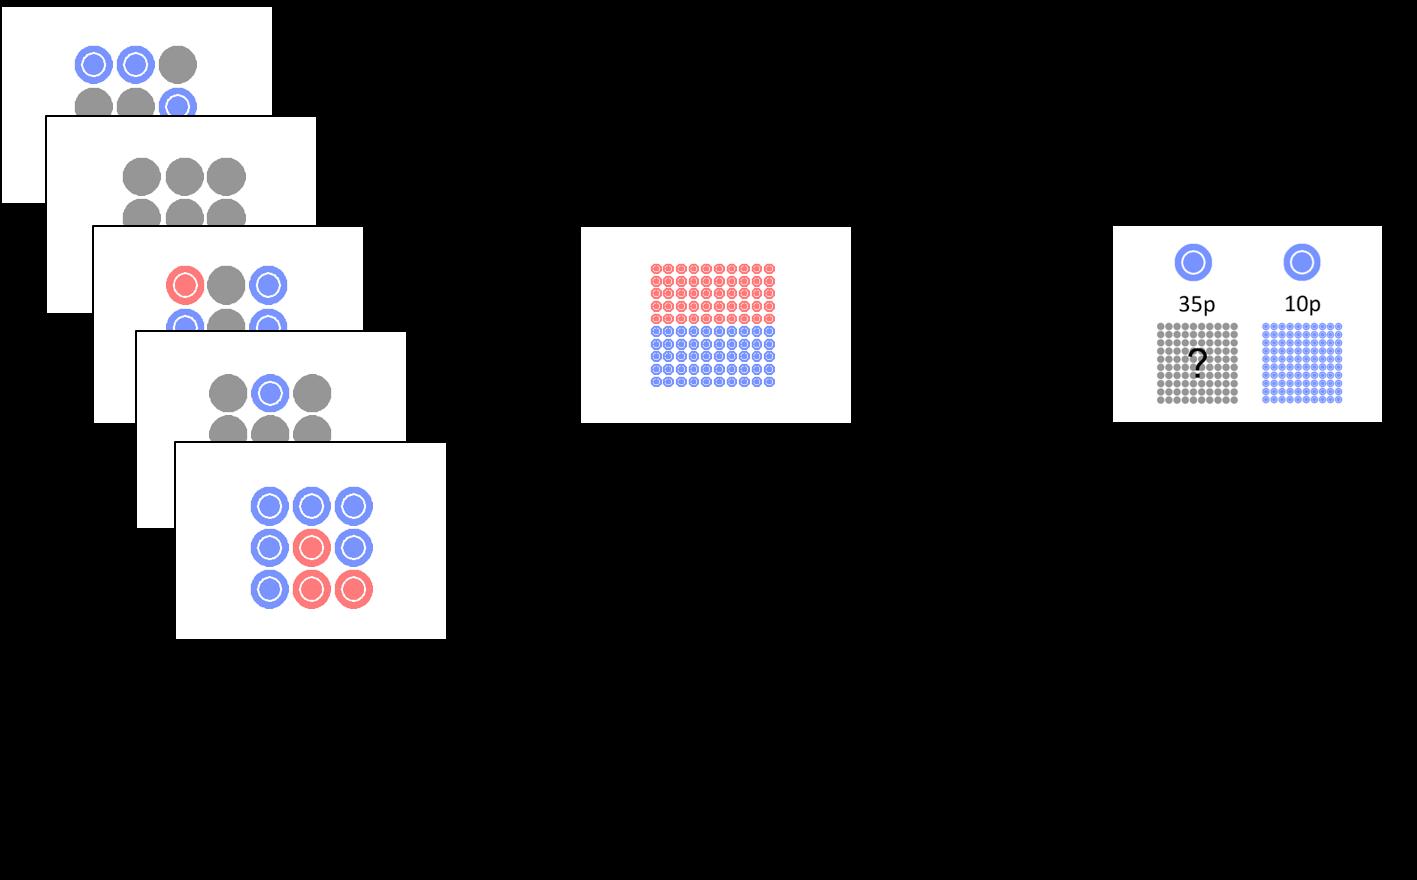 Code/RoberstData/RLearning/LiklelihoodUpdateBeta_files/Task.png